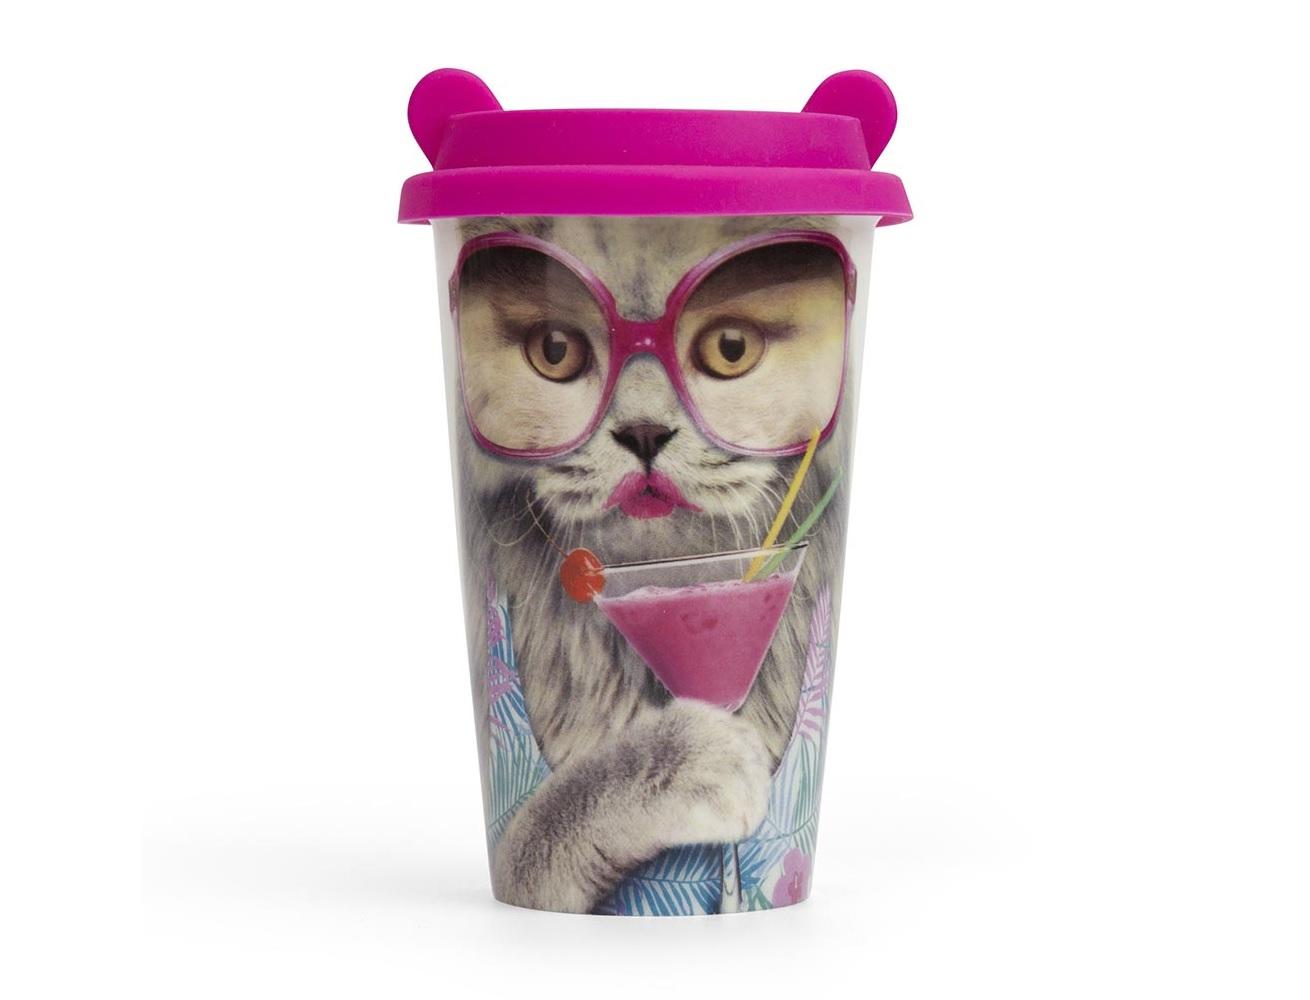 Стакан для кофе catСтаканы и кружки<br>Любите кофе и выглядеть стильно? Этот стакан отразит обе ваши привязанности! Двойные стенки сохранят кофе горячим, крышка с ушами привлечёт внимание, а стильный дизайн отлично впишется в вашу жизнь. Стакан сделан из керамики и приятен в использовании. Больше кофе и больше хорошего настроения!<br><br>Material: Керамика<br>Height см: 16<br>Diameter см: 10